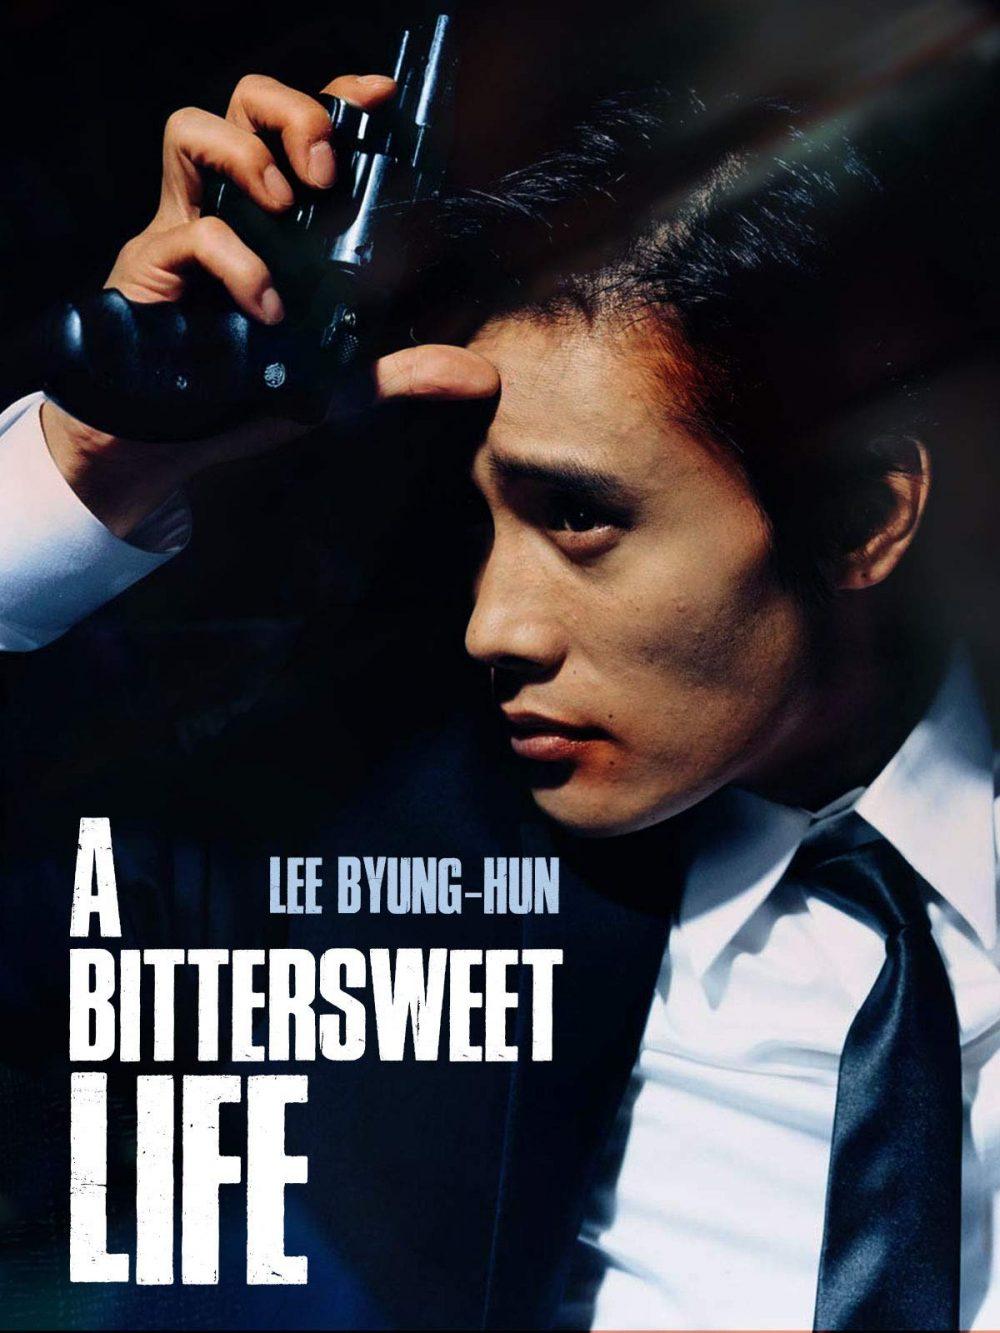 Ngọt đắng cuộc đời - A Bittersweet Life (2005)